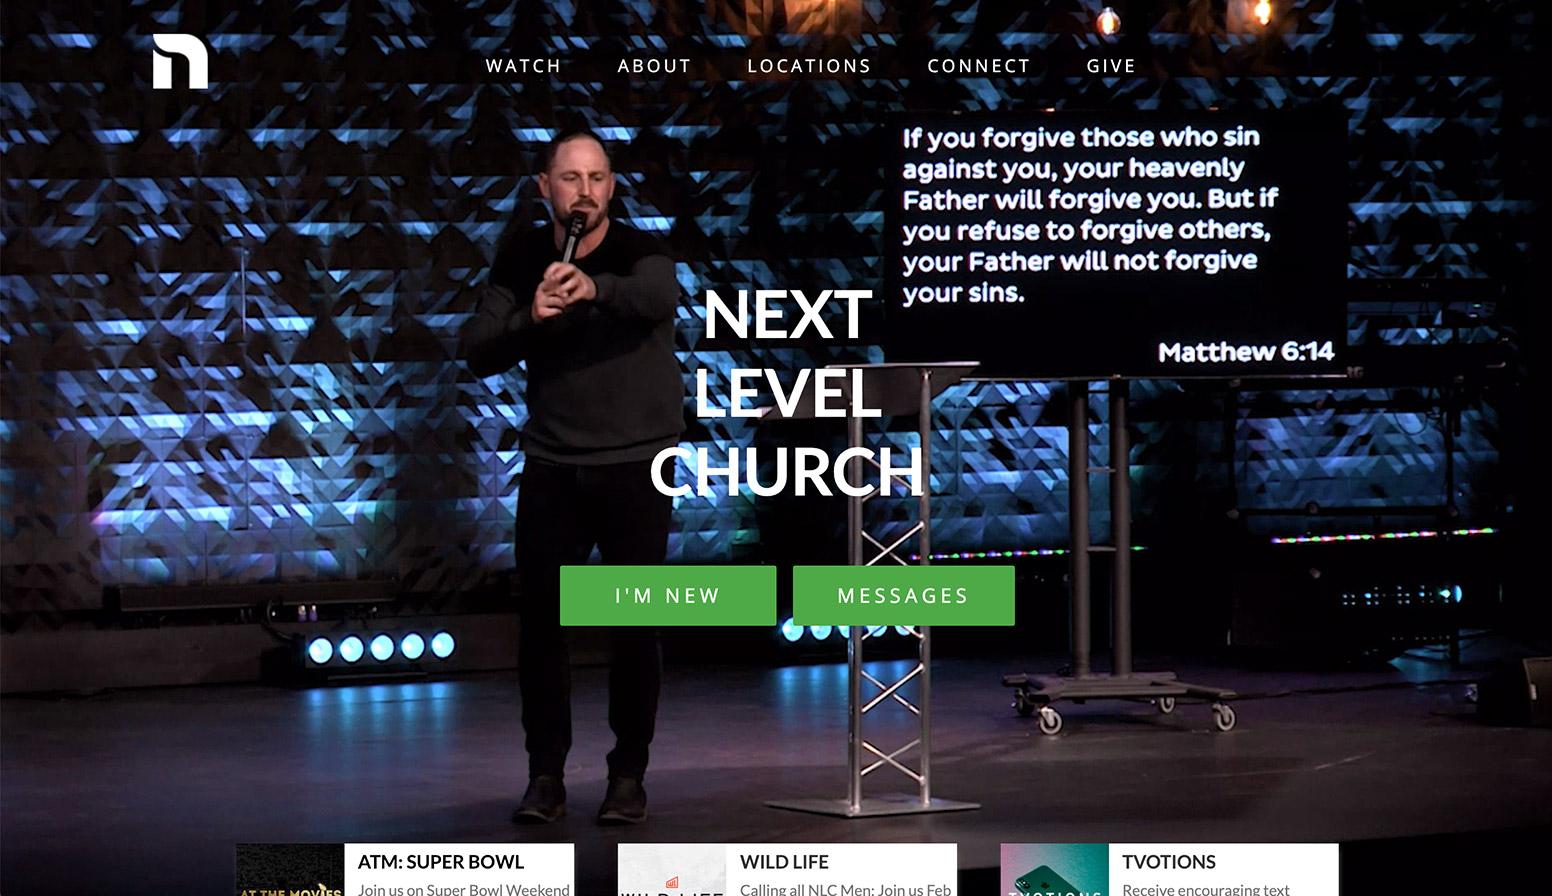 Next Level Church Website